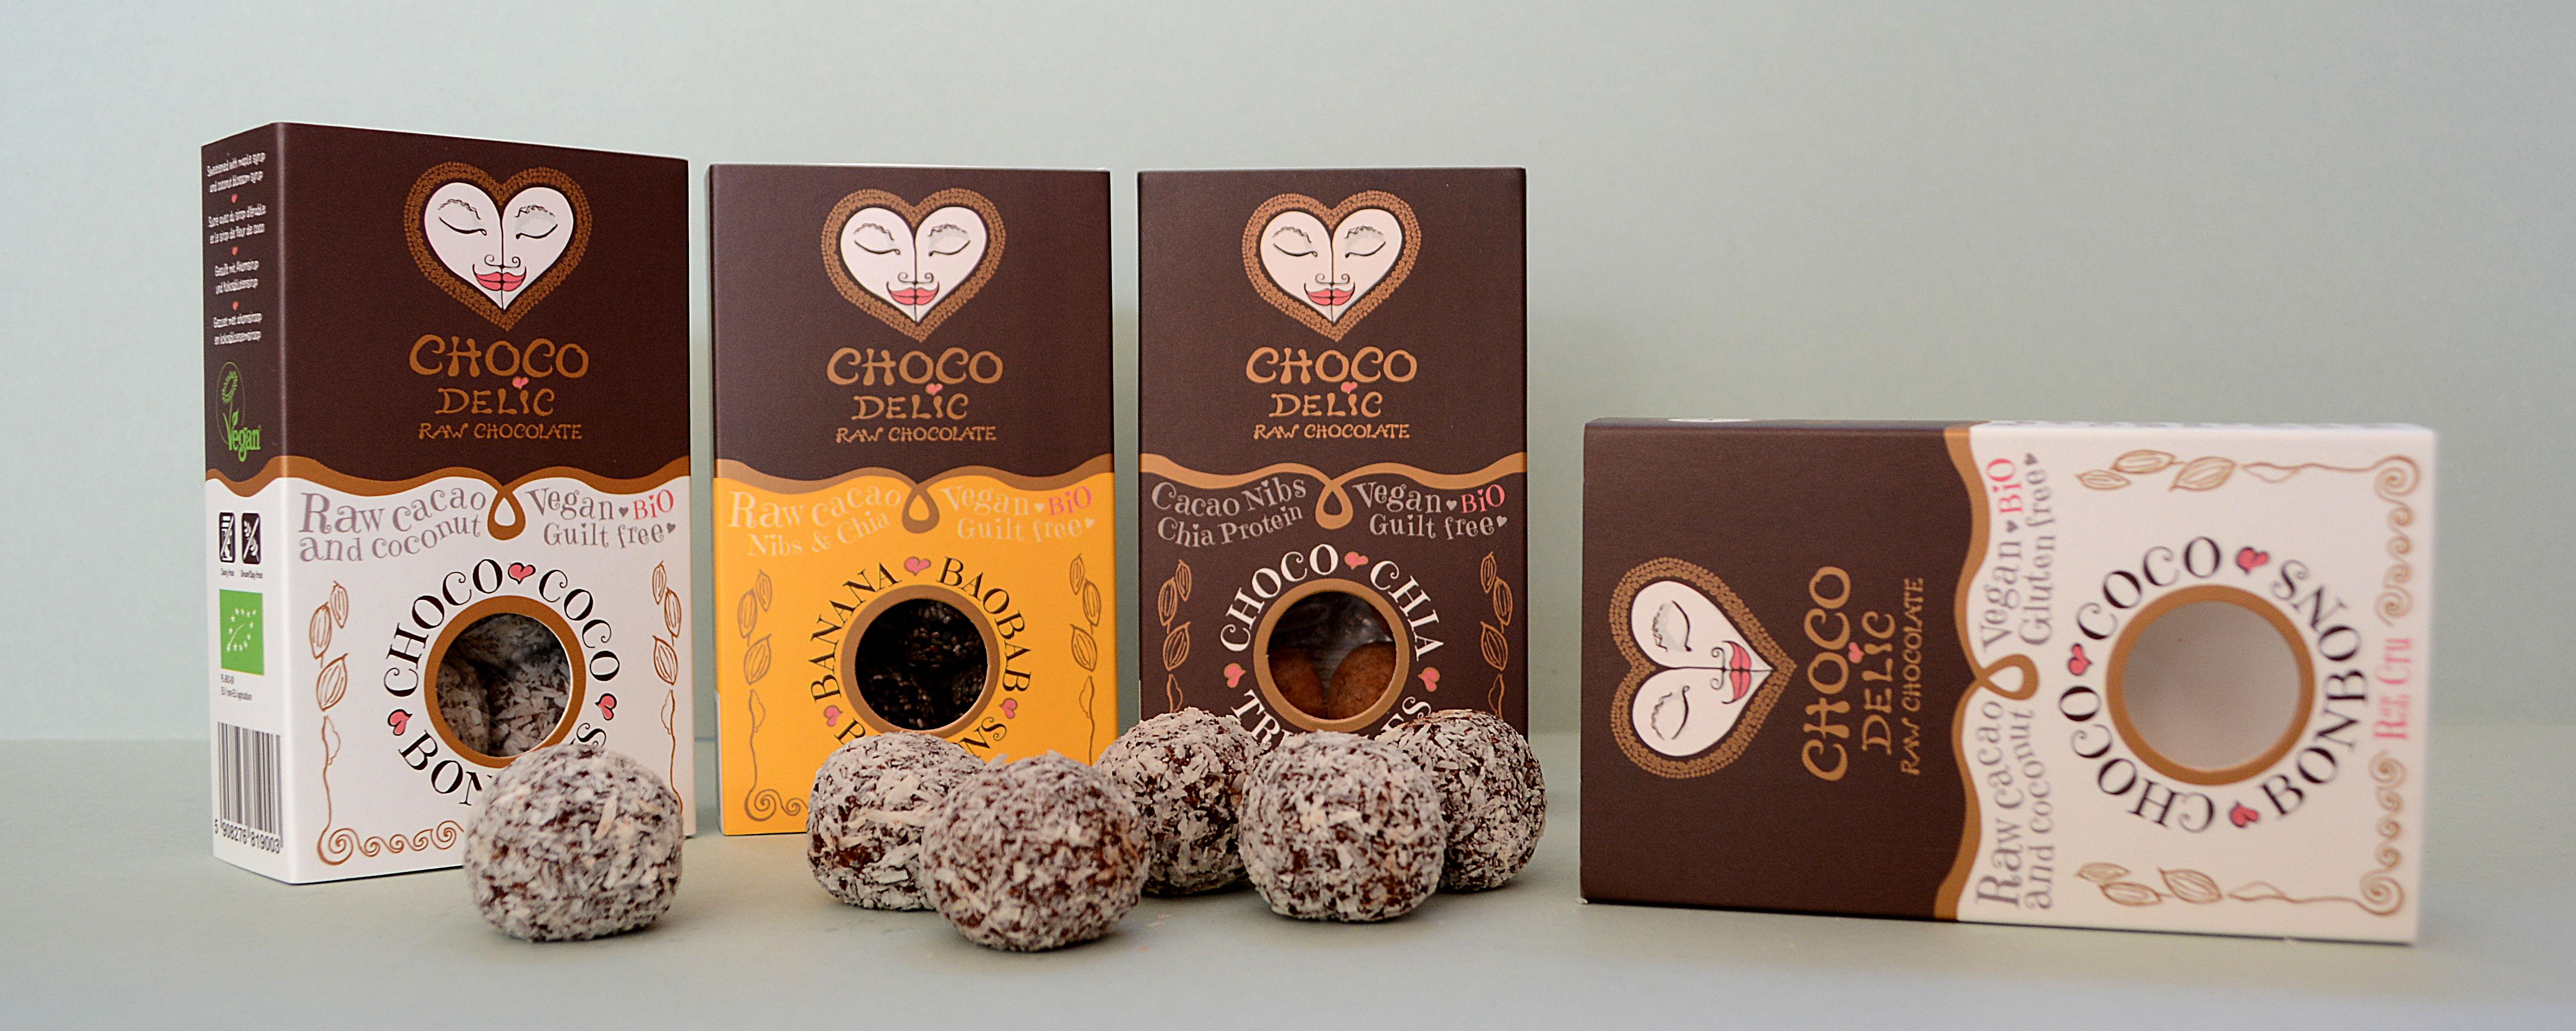 Die drei Sorten im Überblick - Choco Coco, Banana Baobab und Choco Chia. Im Vordergrund liegen die Kokos-Bonbons.